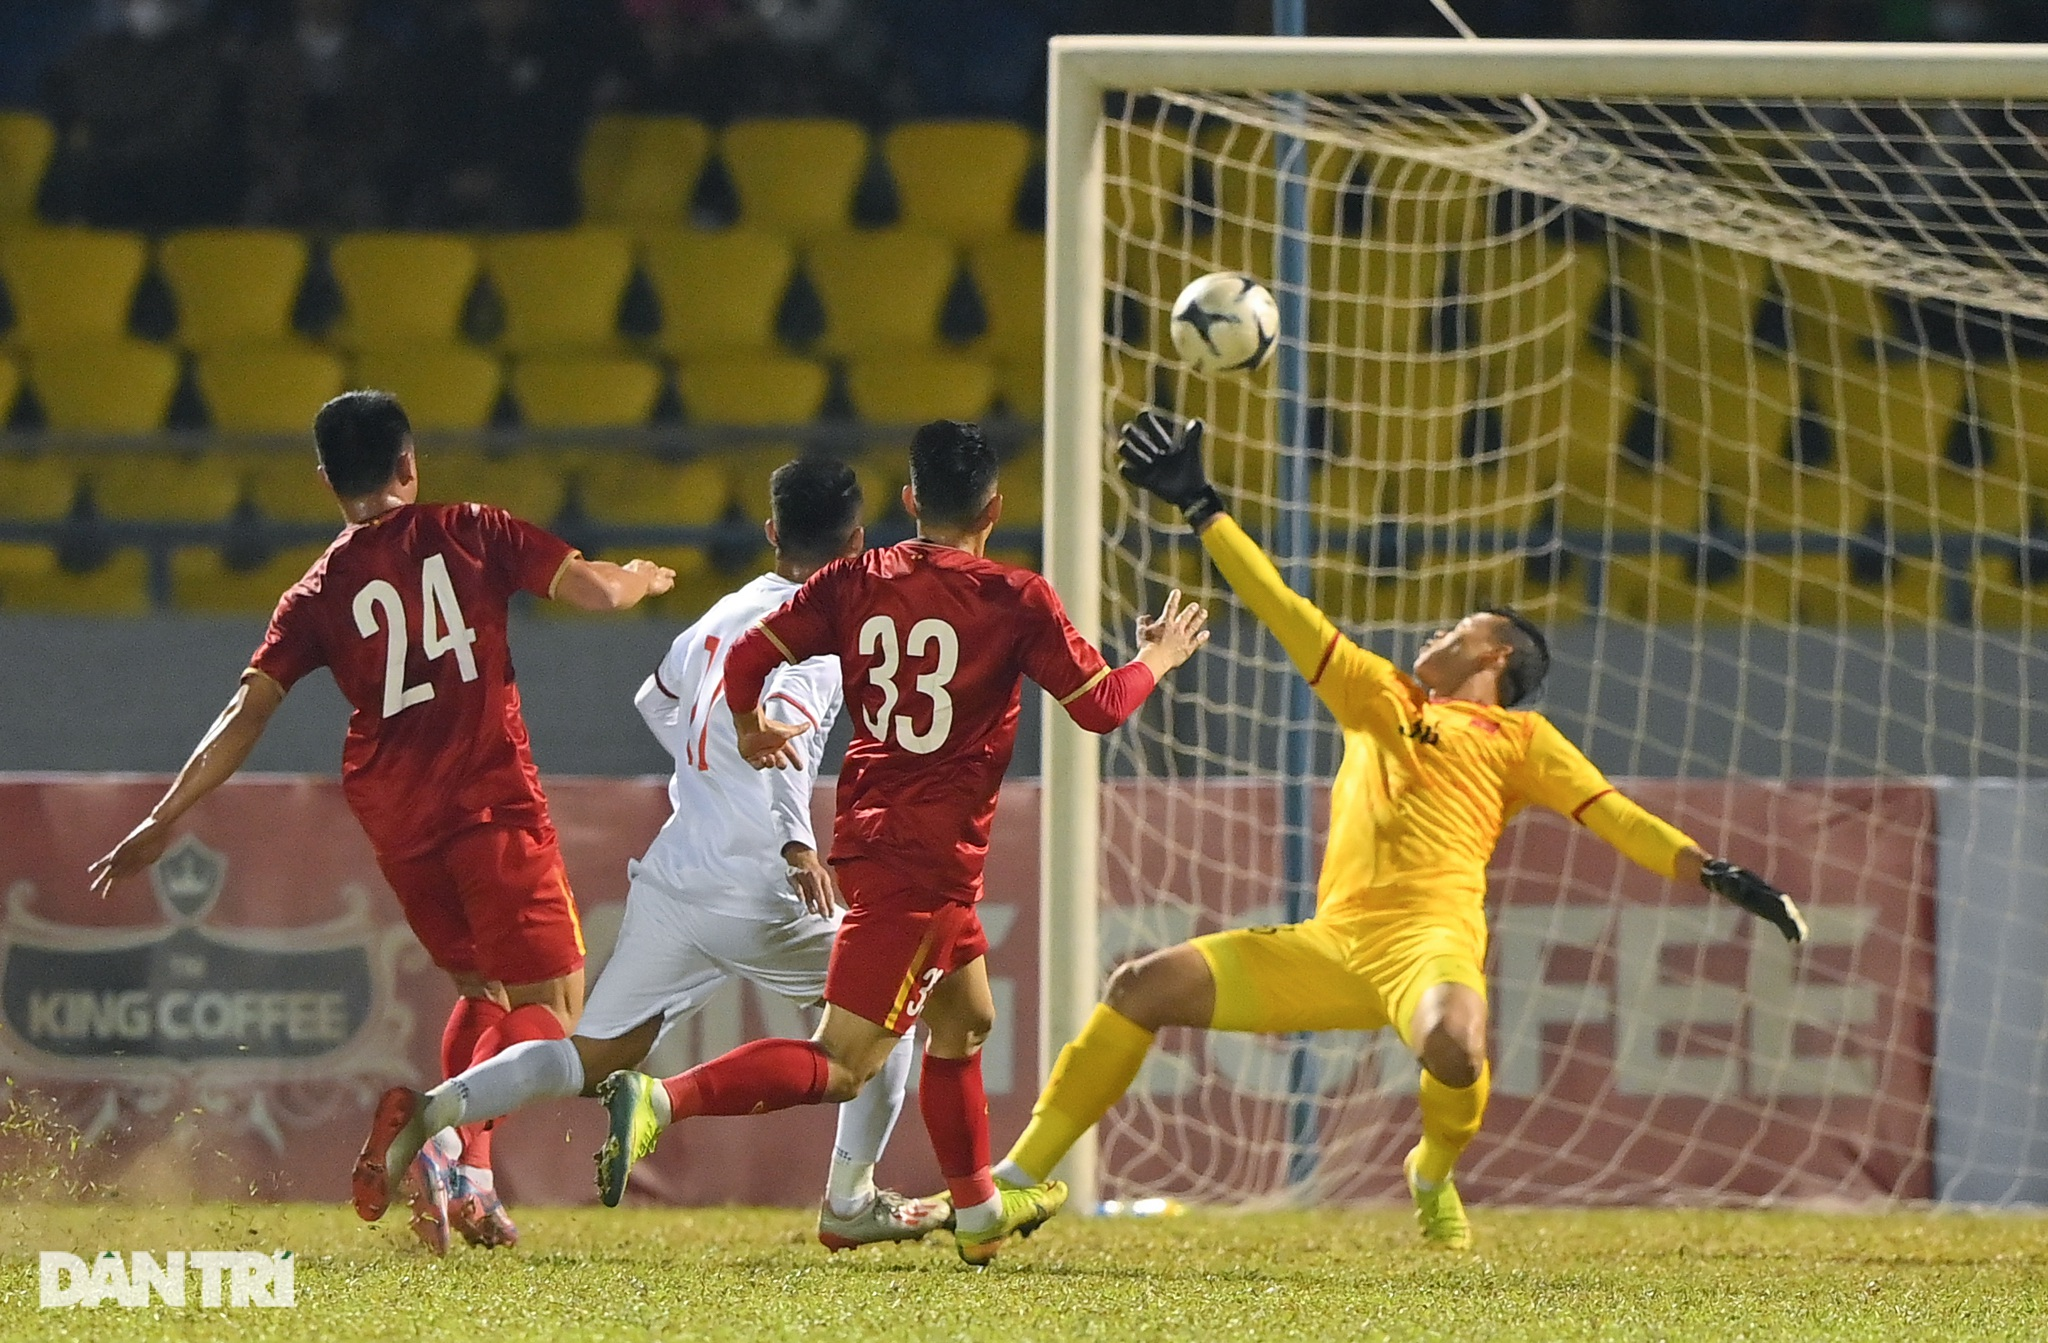 Văn Quyết ghi điểm trong chiến thắng của tuyển Việt Nam trước đàn em U22 - 5